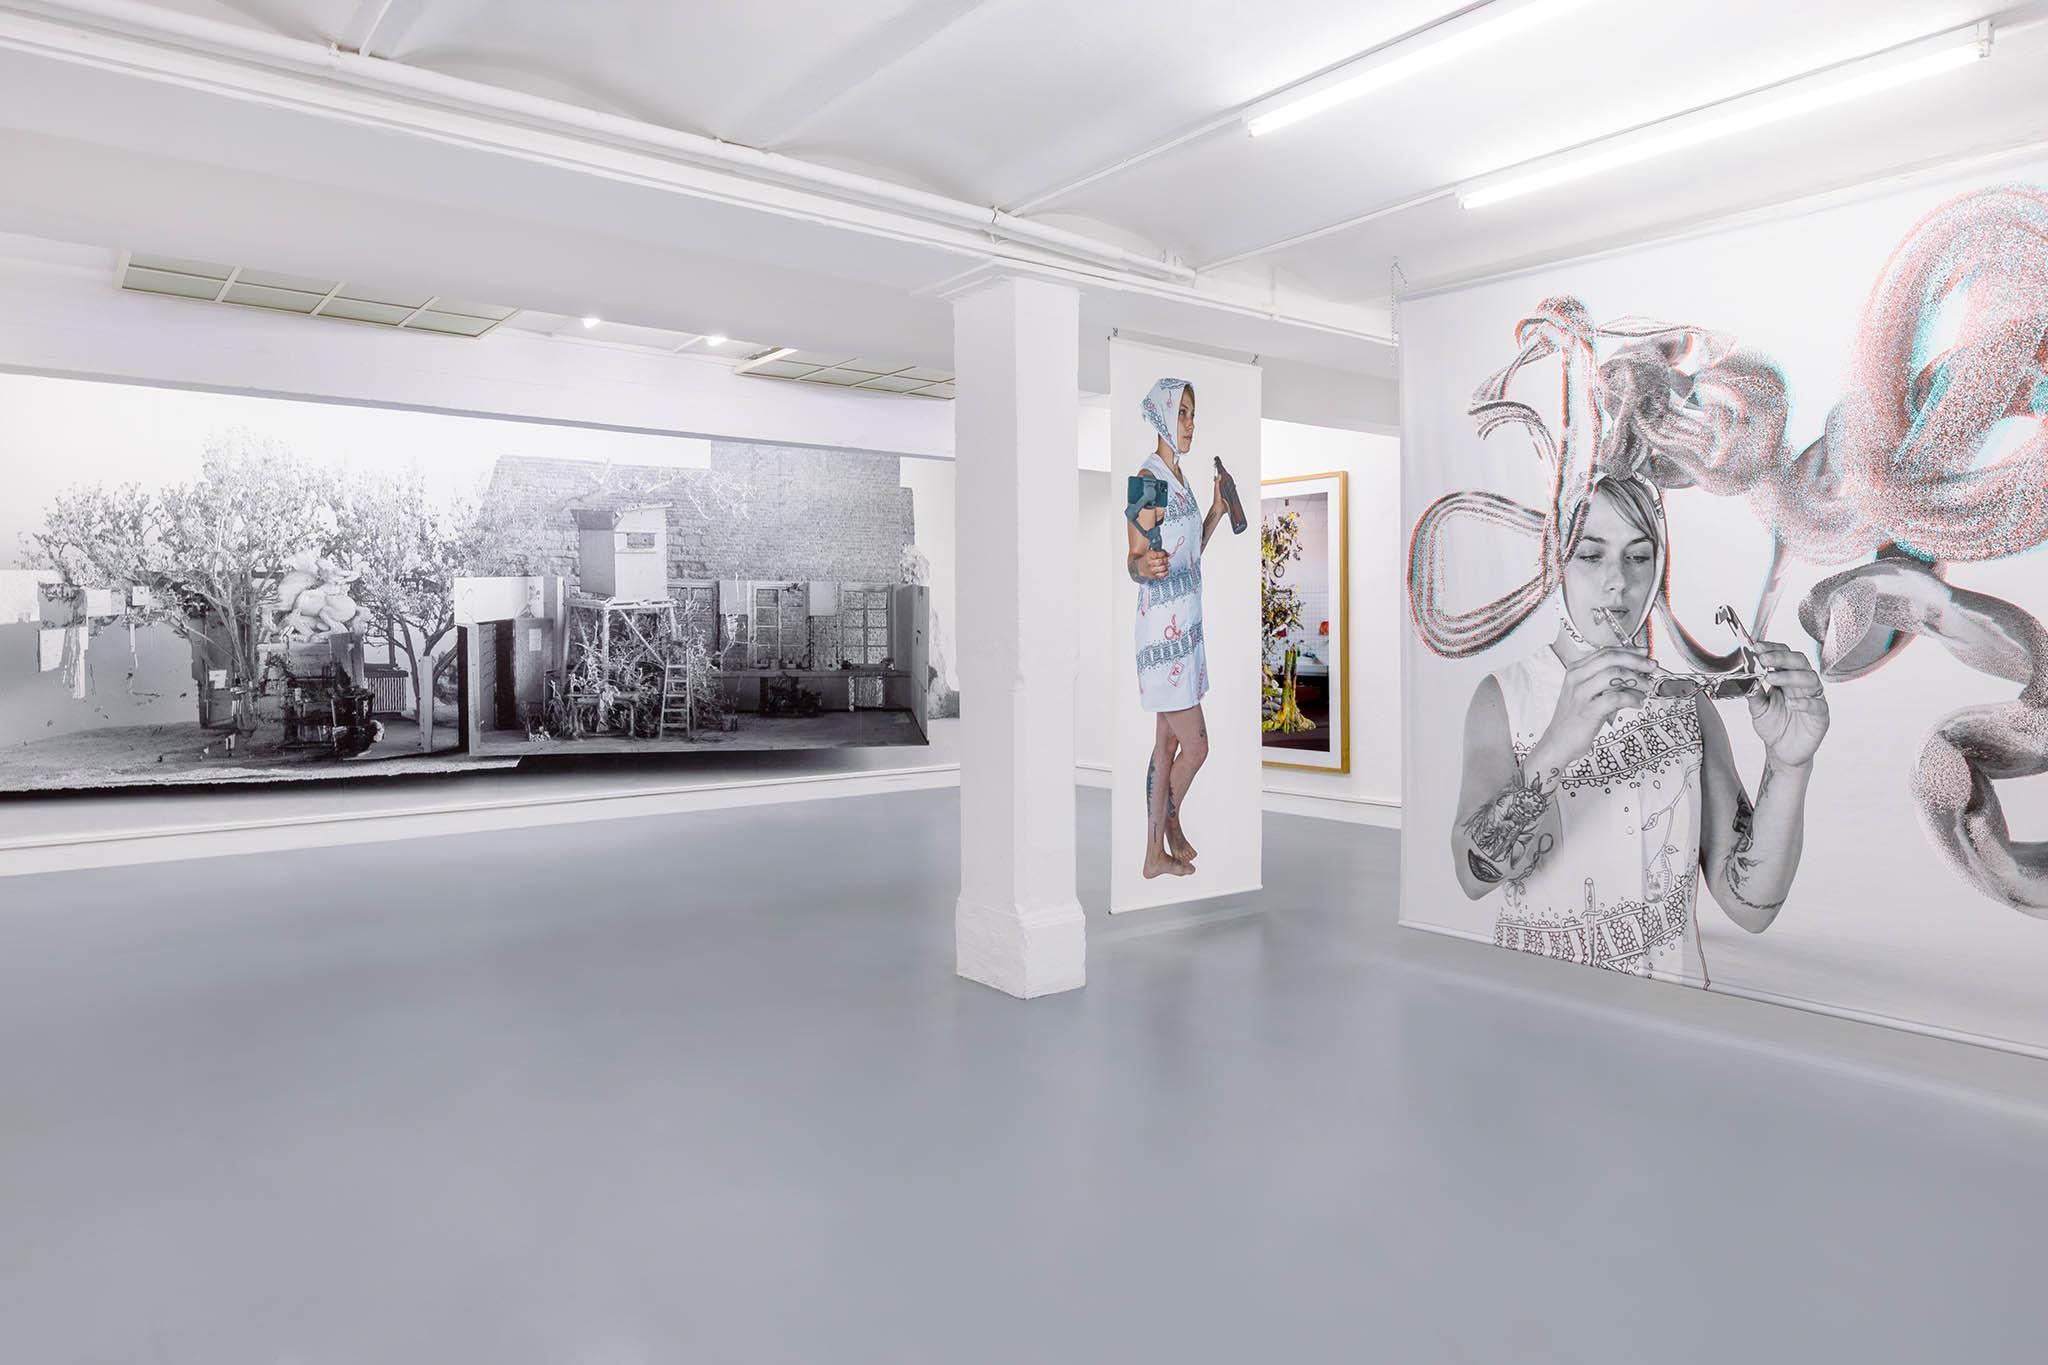 Tim Berresheim | Installation view | Falko Alexander gallery